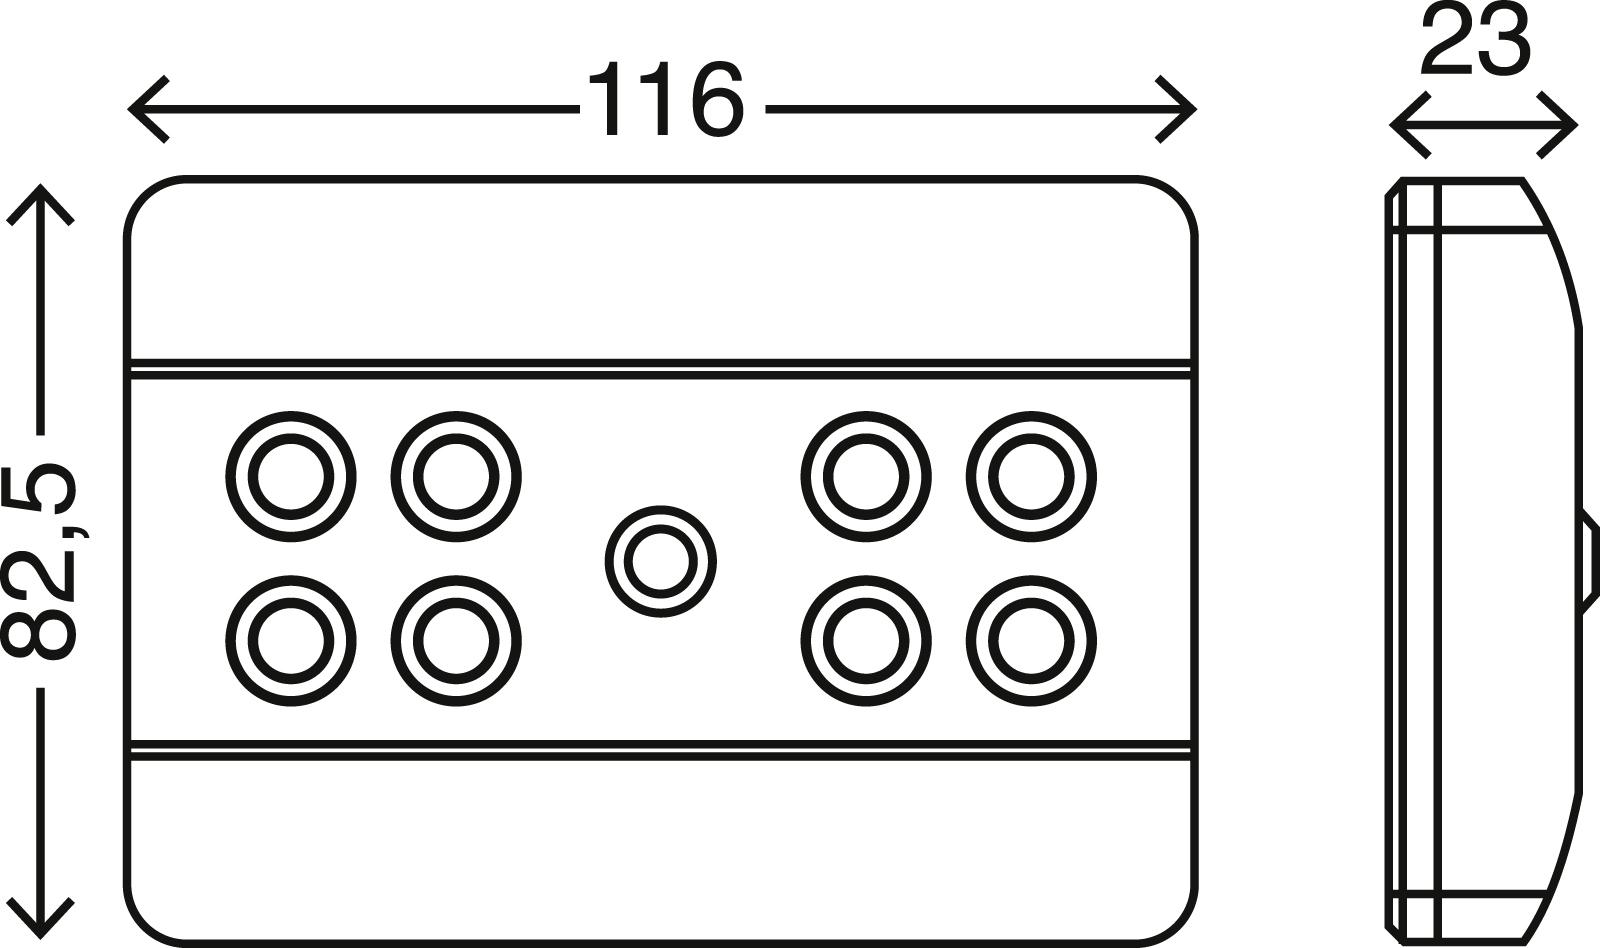 LED Unterbauleuchte, 11,6 cm, 0,64 W, Weiss